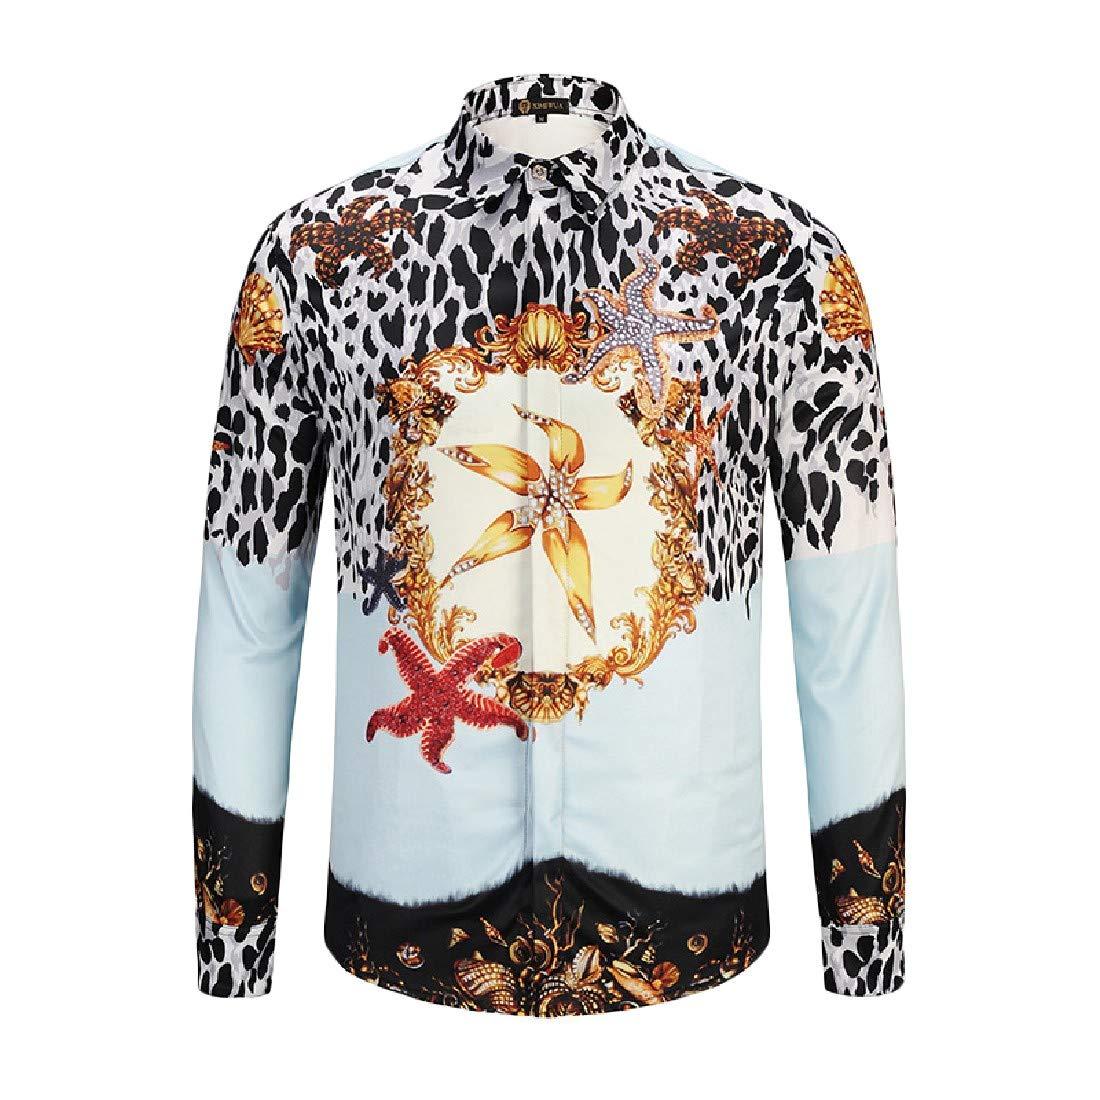 Tootless-Men Long-Sleeve African Lounge Leopard Button Down Shirt